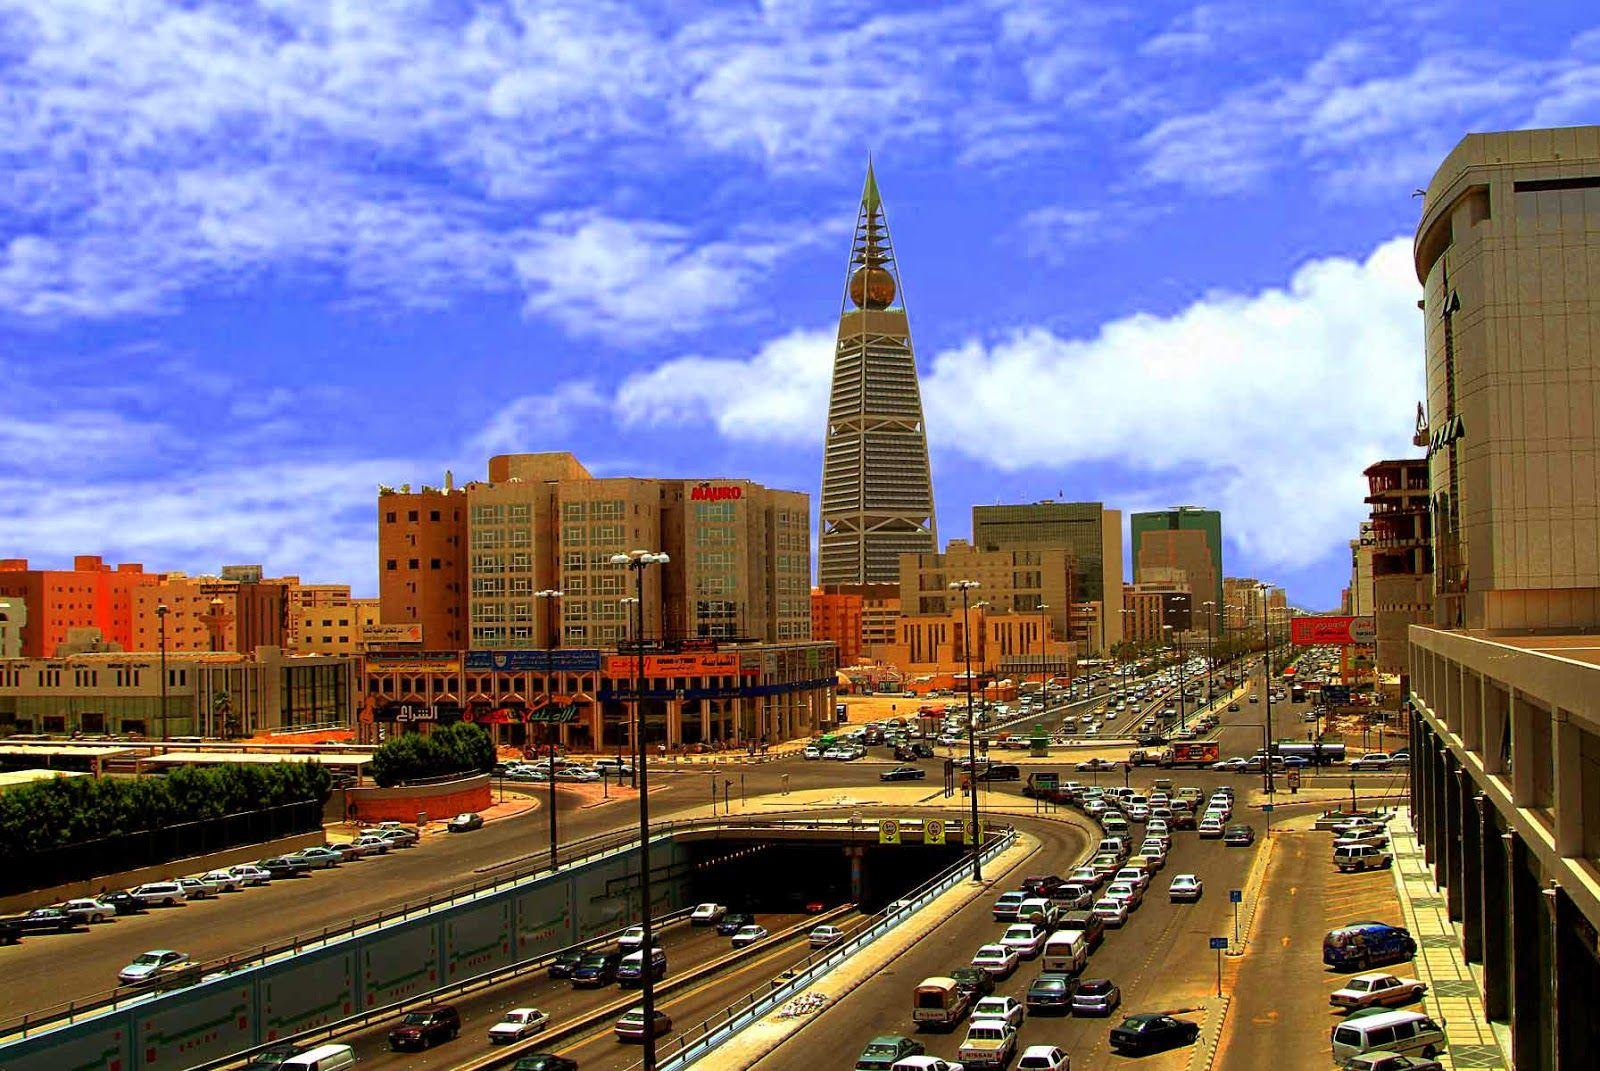 خلفيات عالية الدقة لأماكن جميلة في المملكة العربية السعودية San Francisco Skyline Skyline San